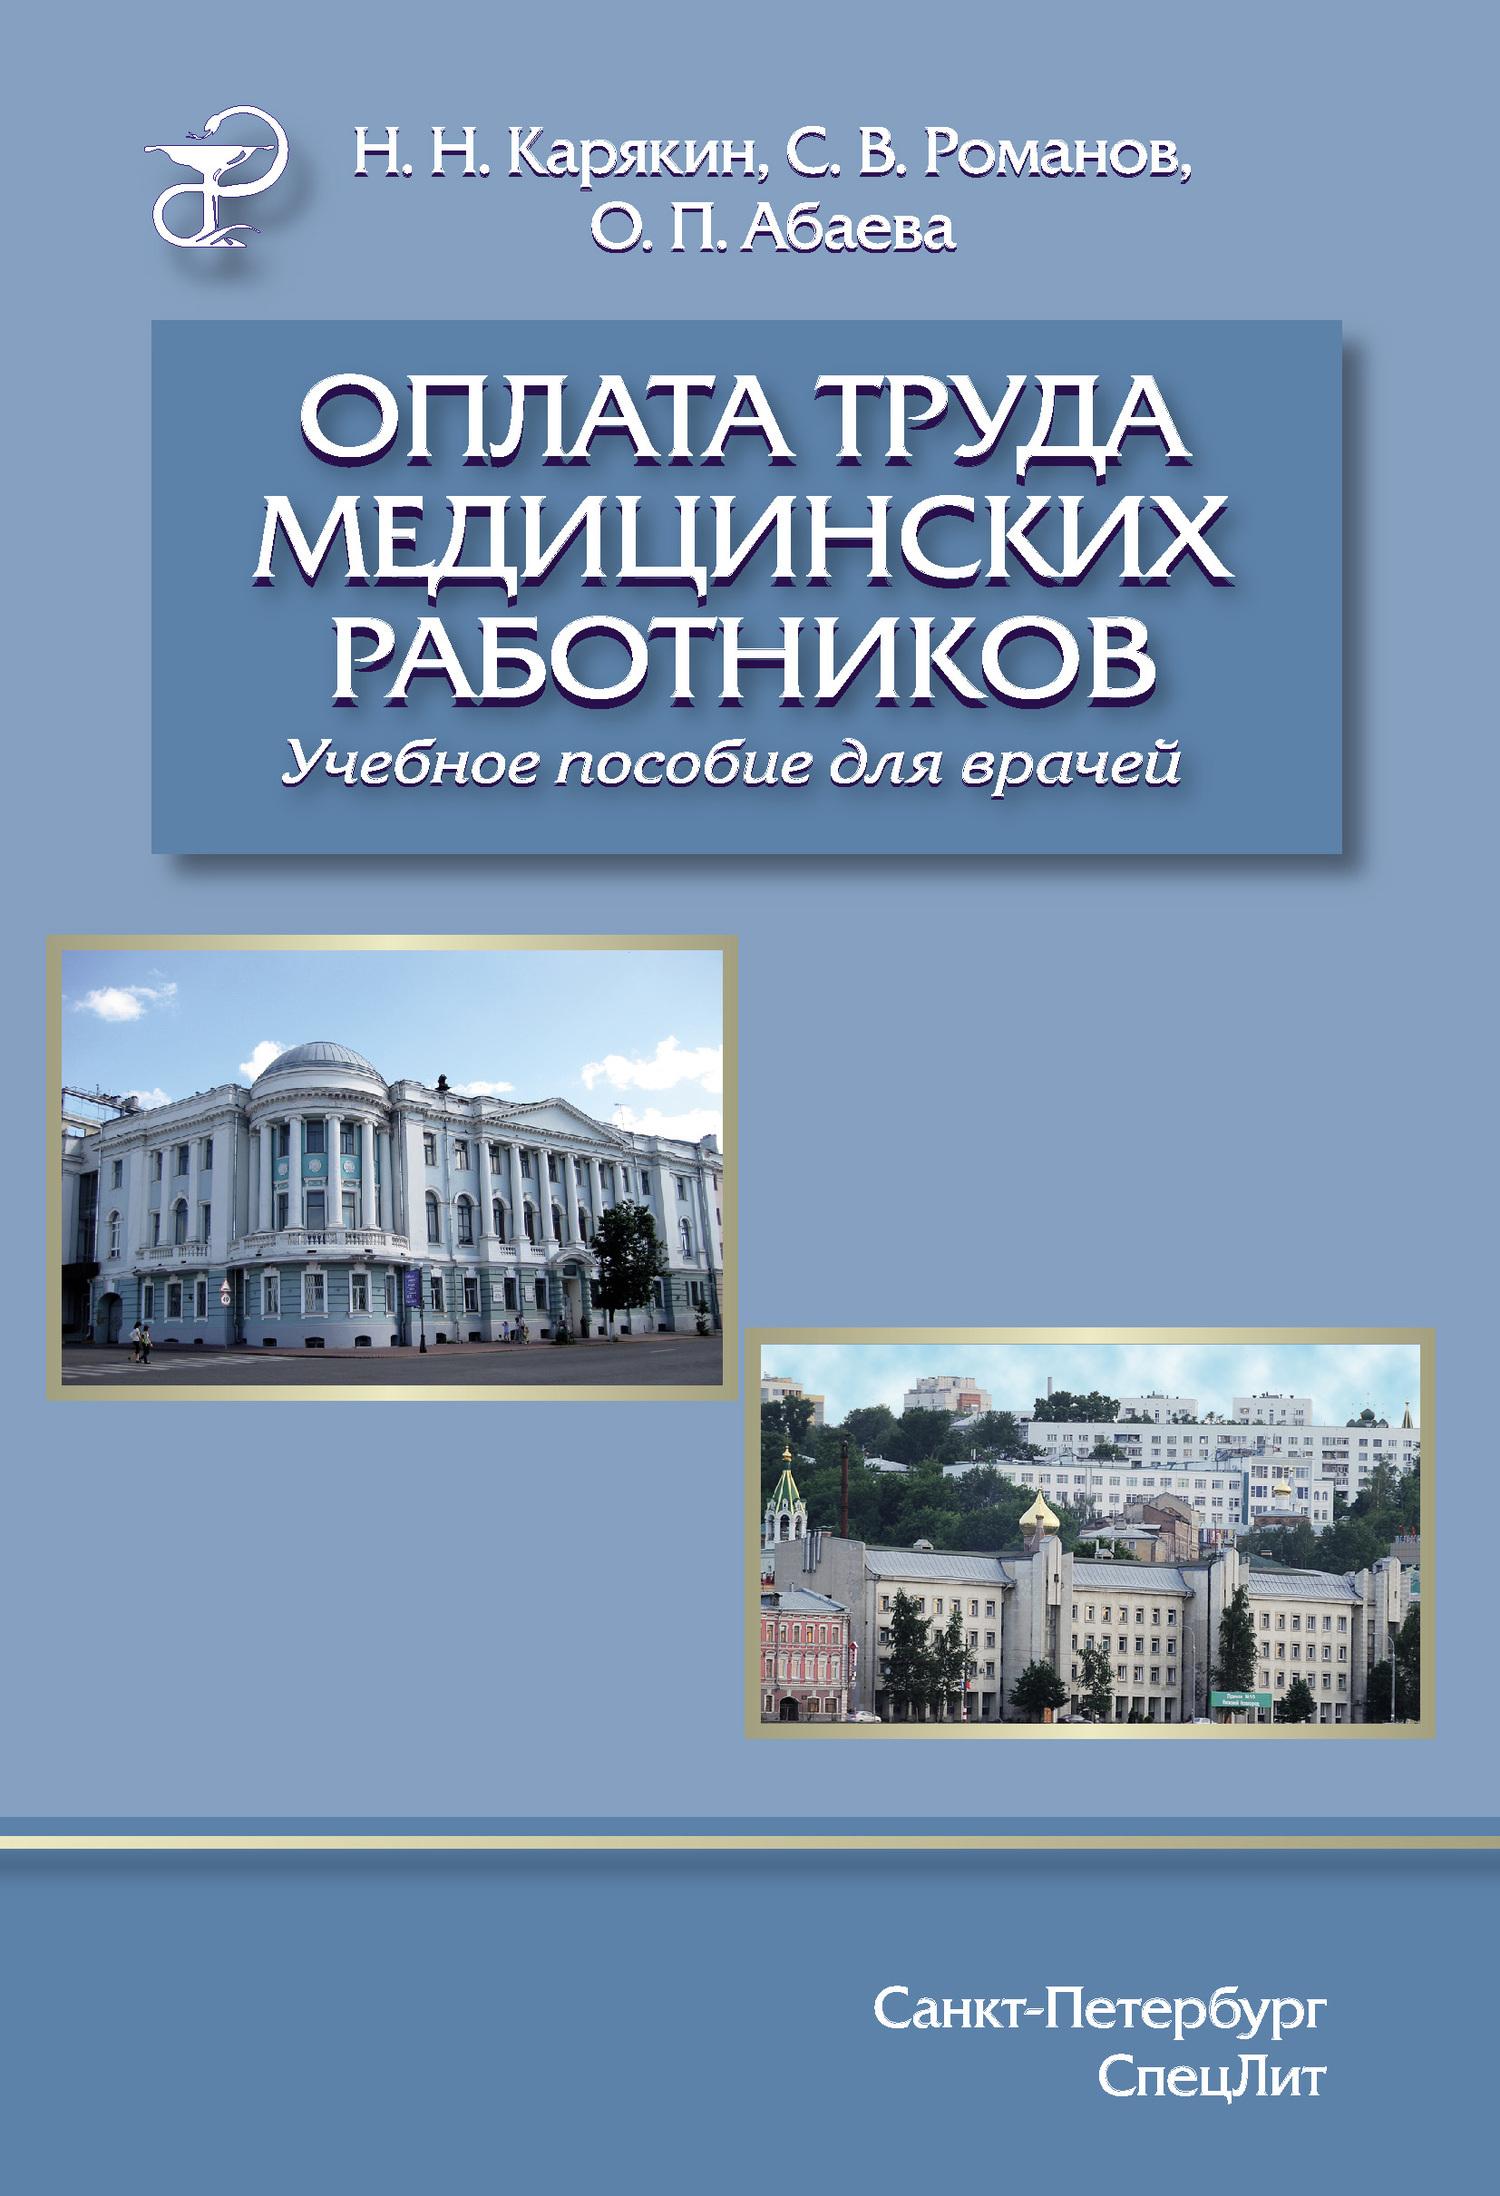 Обложка книги. Автор - Сергей Романов